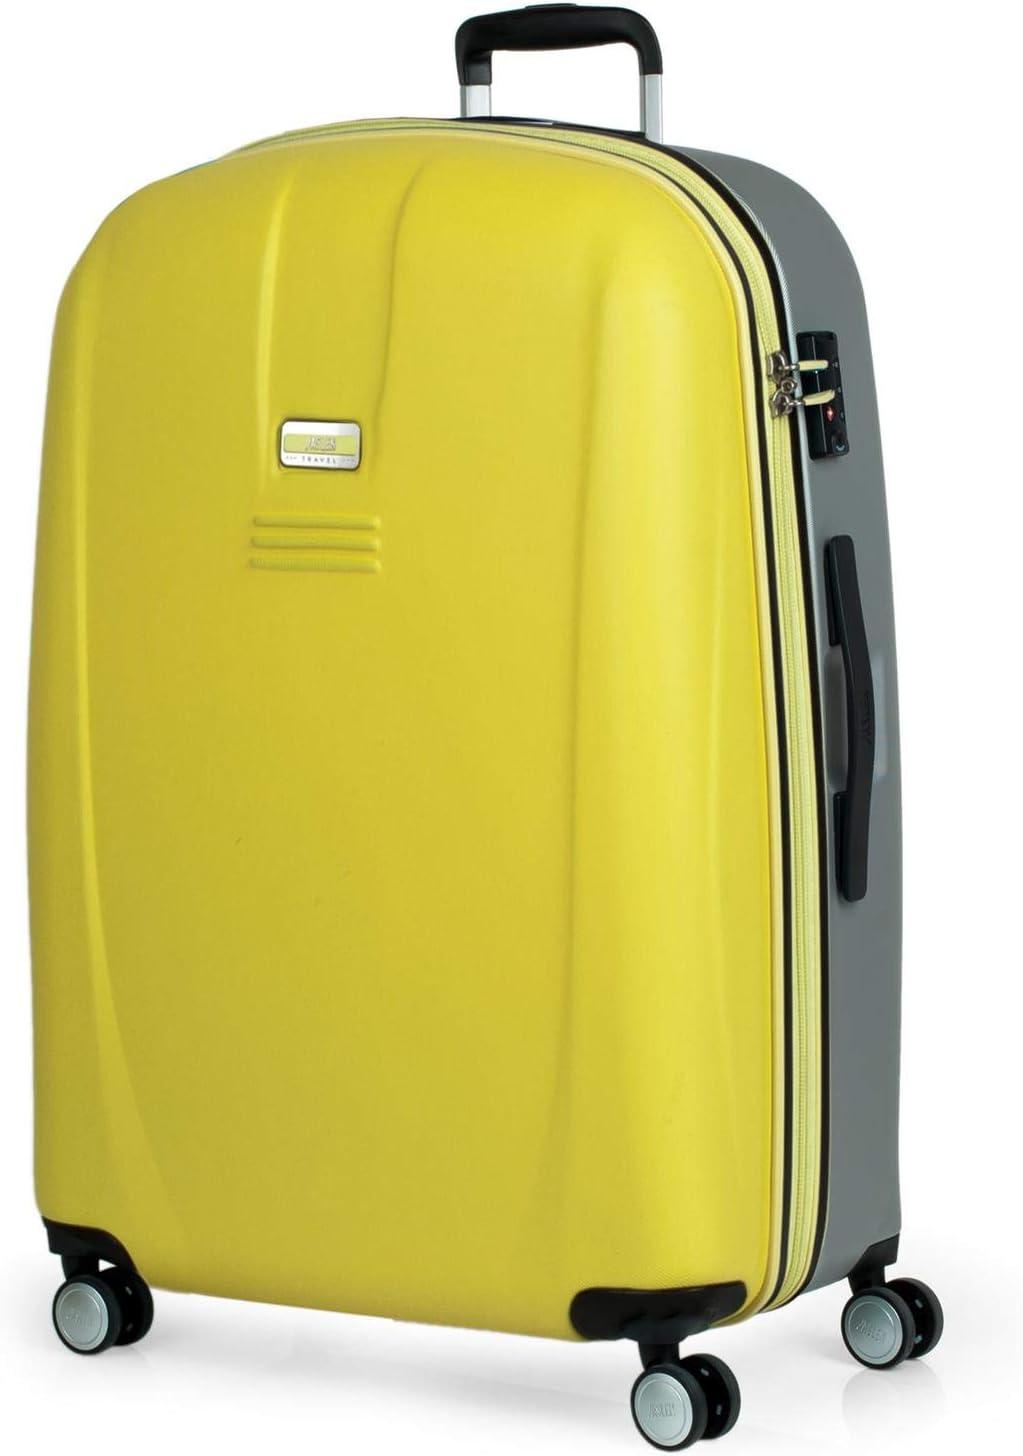 JASLEN - Maleta Grande XL Rígida 4 Ruedas Trolley 77 cm ABS. Duradera Resistente y Ligera. Candado TSA. Viajes Largos. Marca de Calidad. Estudiantes y Profesionales. 56570, Color Amarillo-Plata